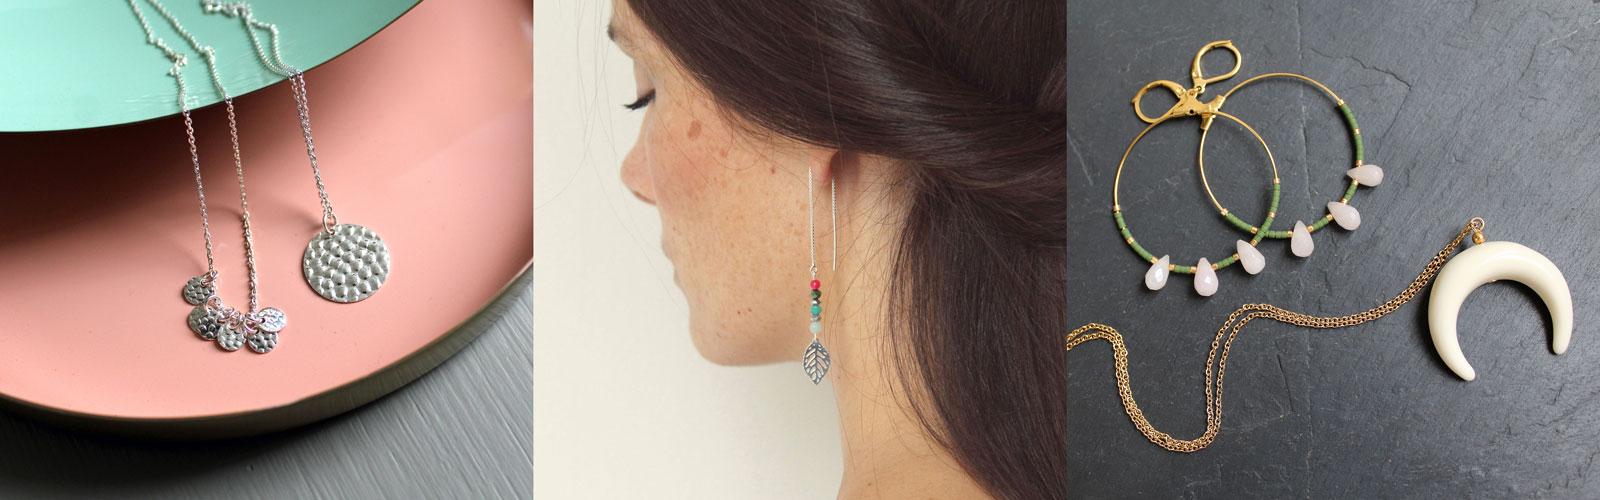 Triptyque nouveautés bijoux Pemberley 2017